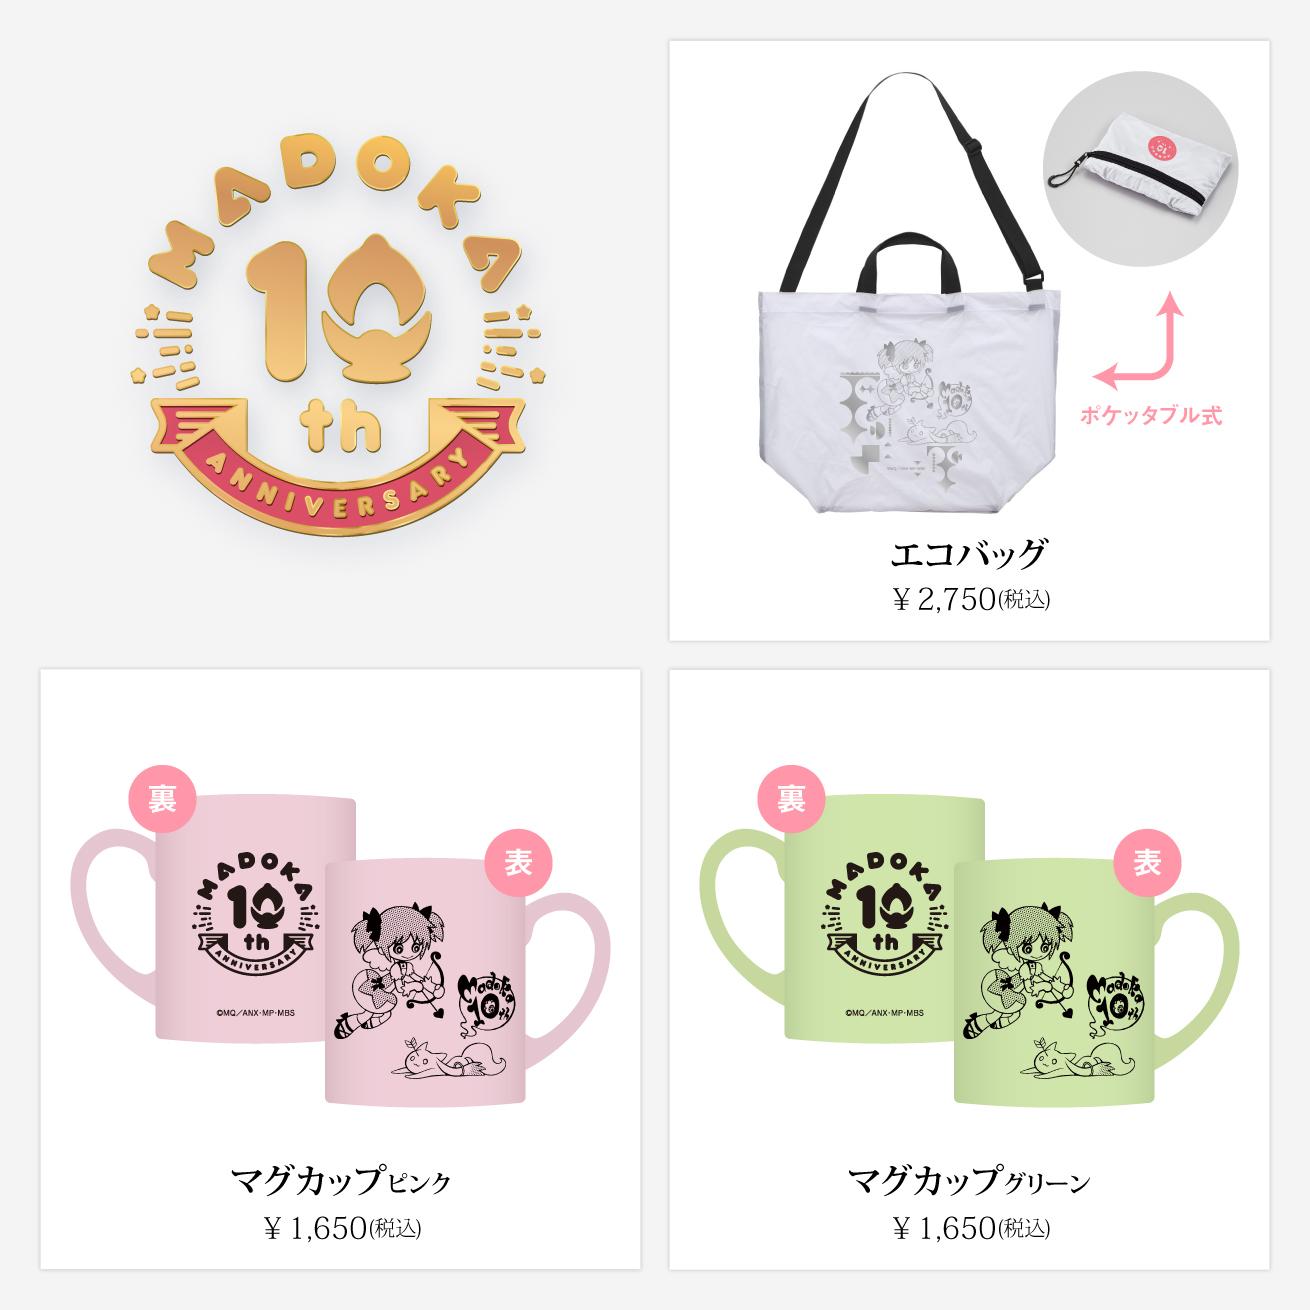 【新商品のお知らせ】『魔法少女まどか☆マギカ』10周年記念♬